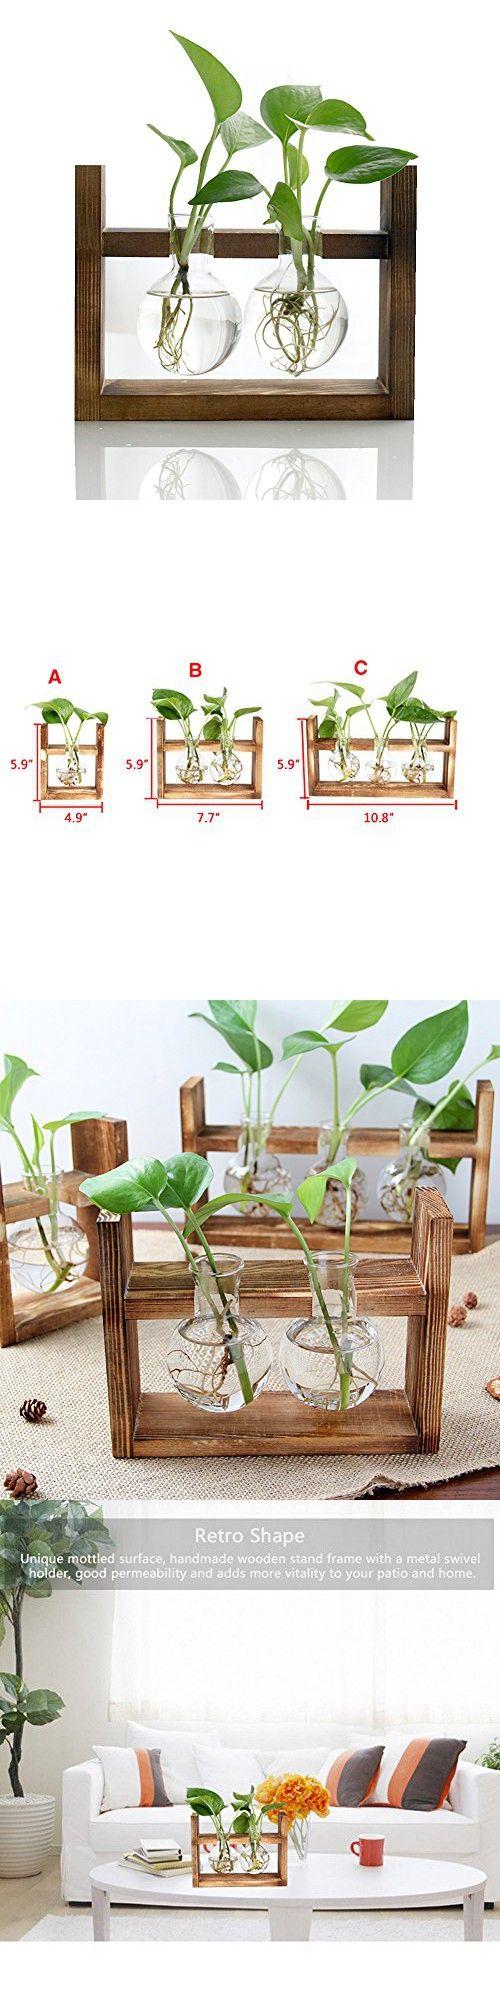 Halova terrarium creative fashion plant terrarium modern